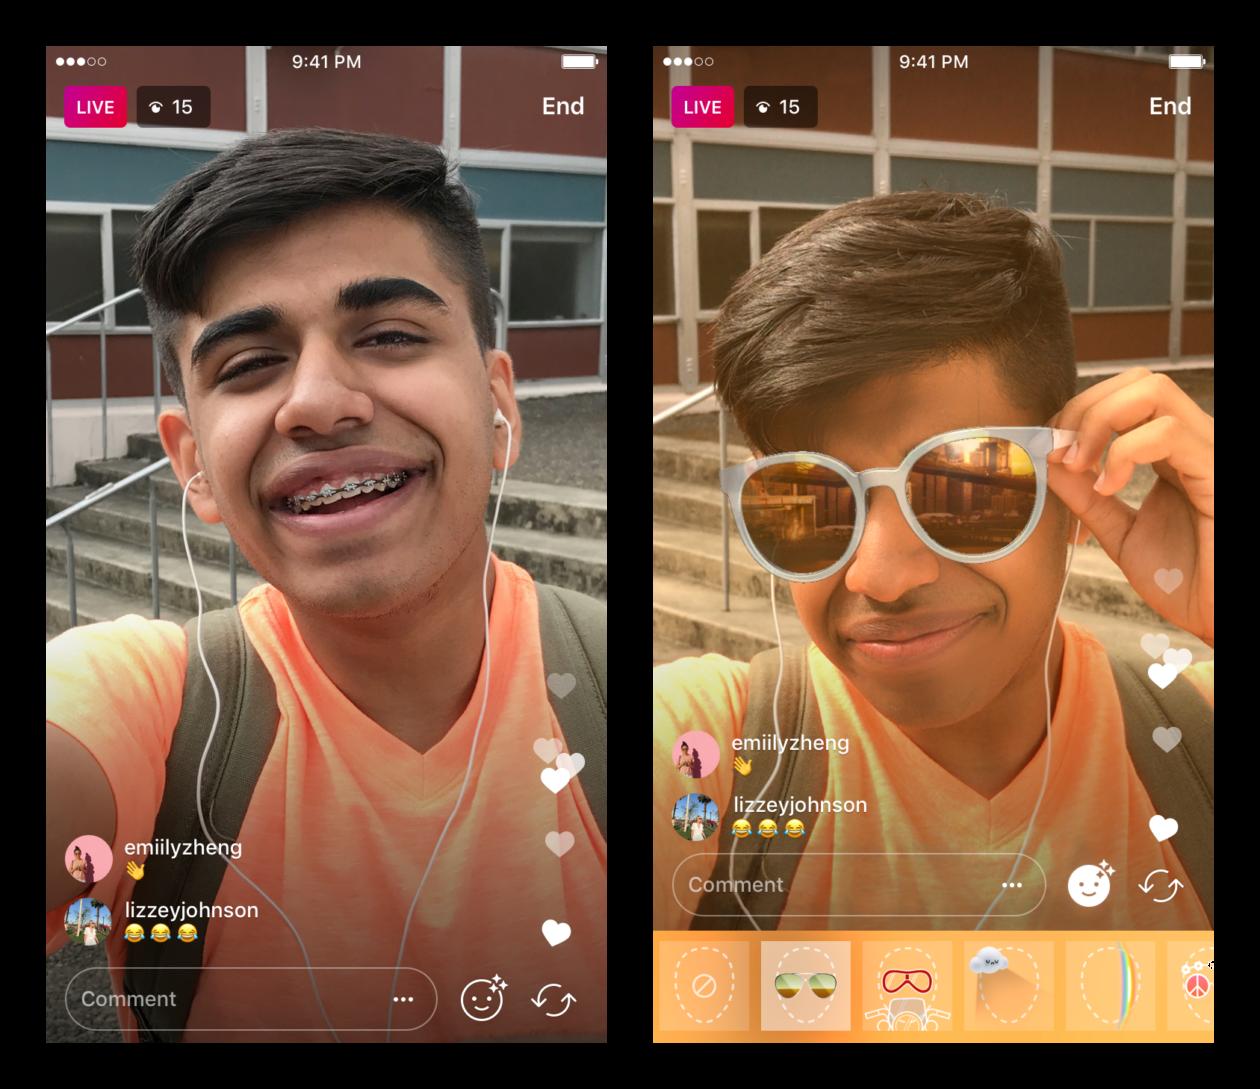 Instagram võimaldab nüüd näofiltri rakendusi ka otseülekandena voogesitada